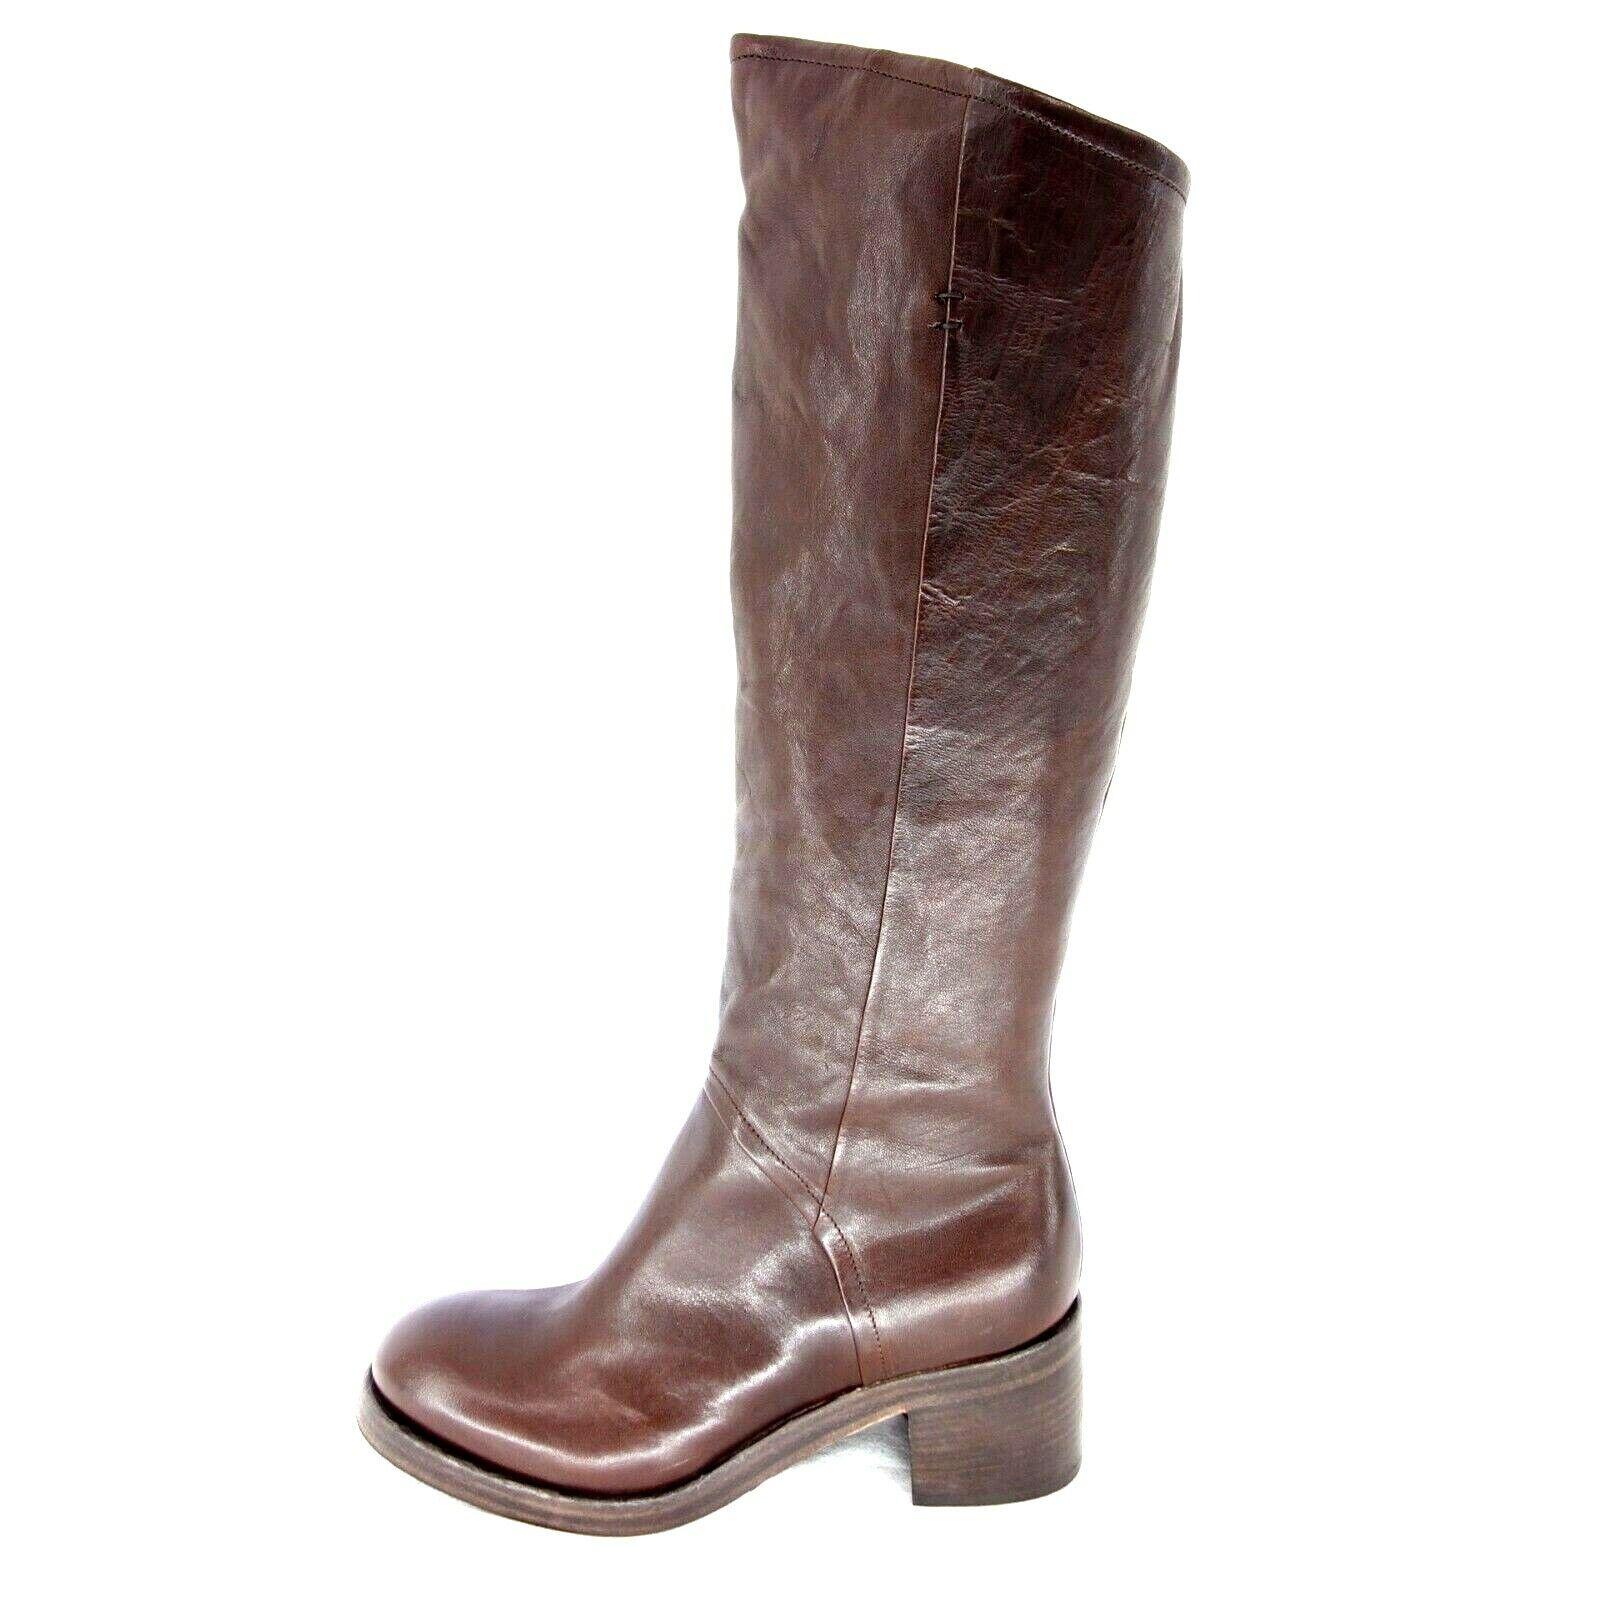 Ernesto Dolani Chaussures Femmes Bottes Greta marron cuir paragraphe élevé NP 299 NEUF